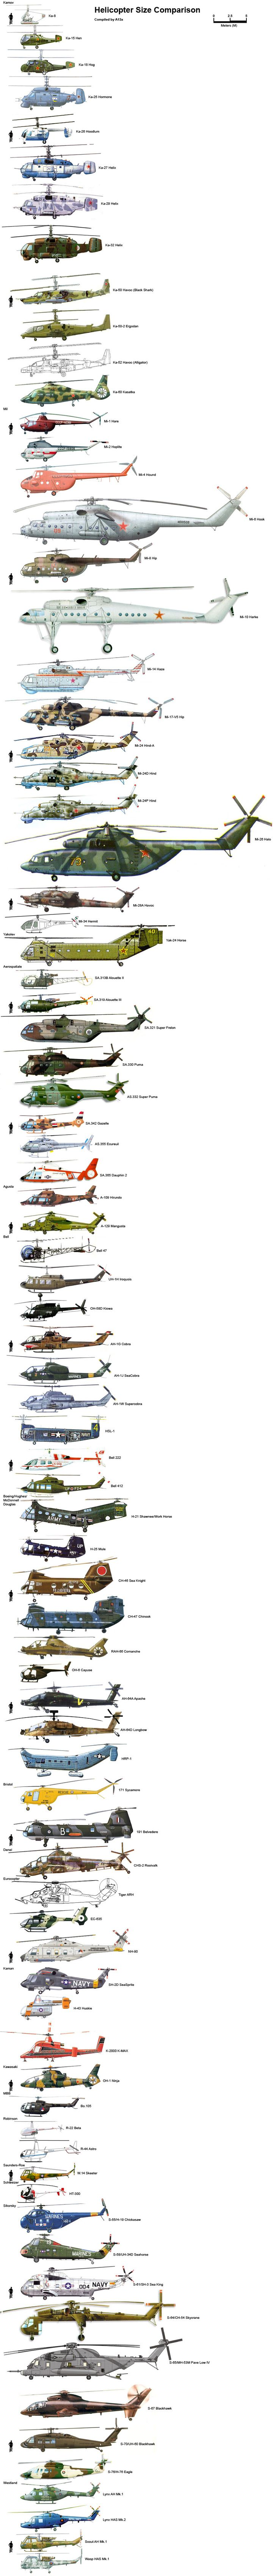 comparaison-taille-helicoptere - La boite verte